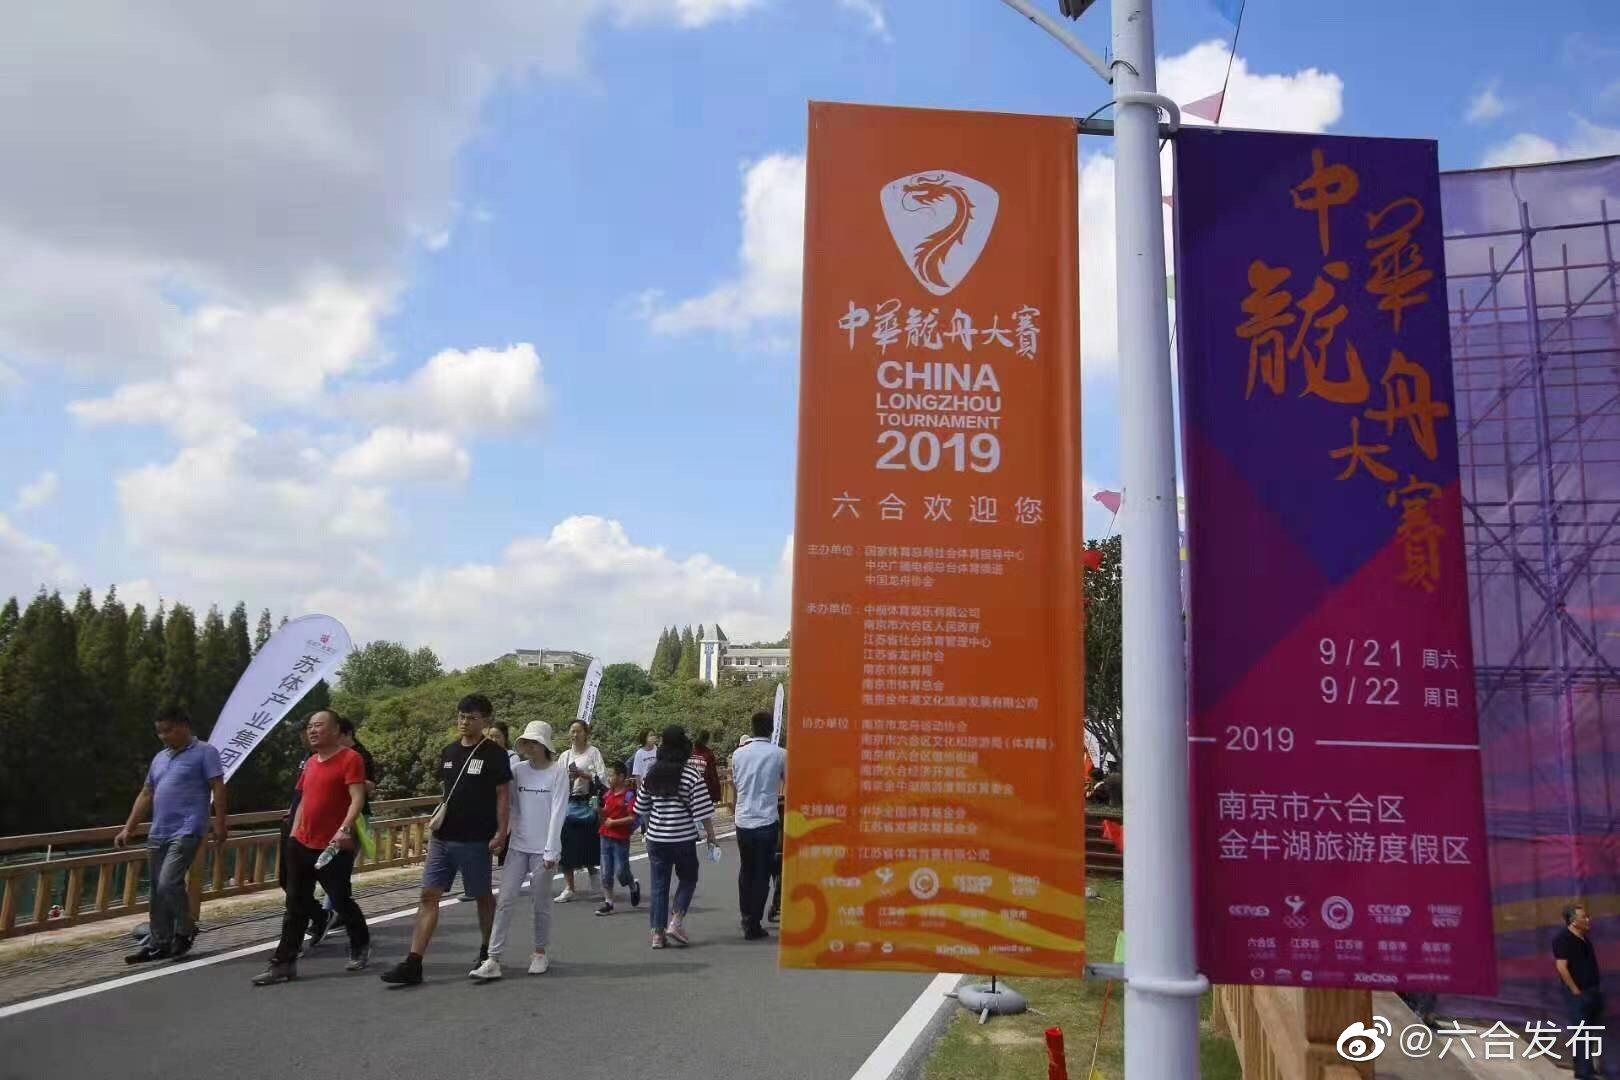 2019中华龙舟大赛 (南京·六合站)今天上午正式划桨开赛